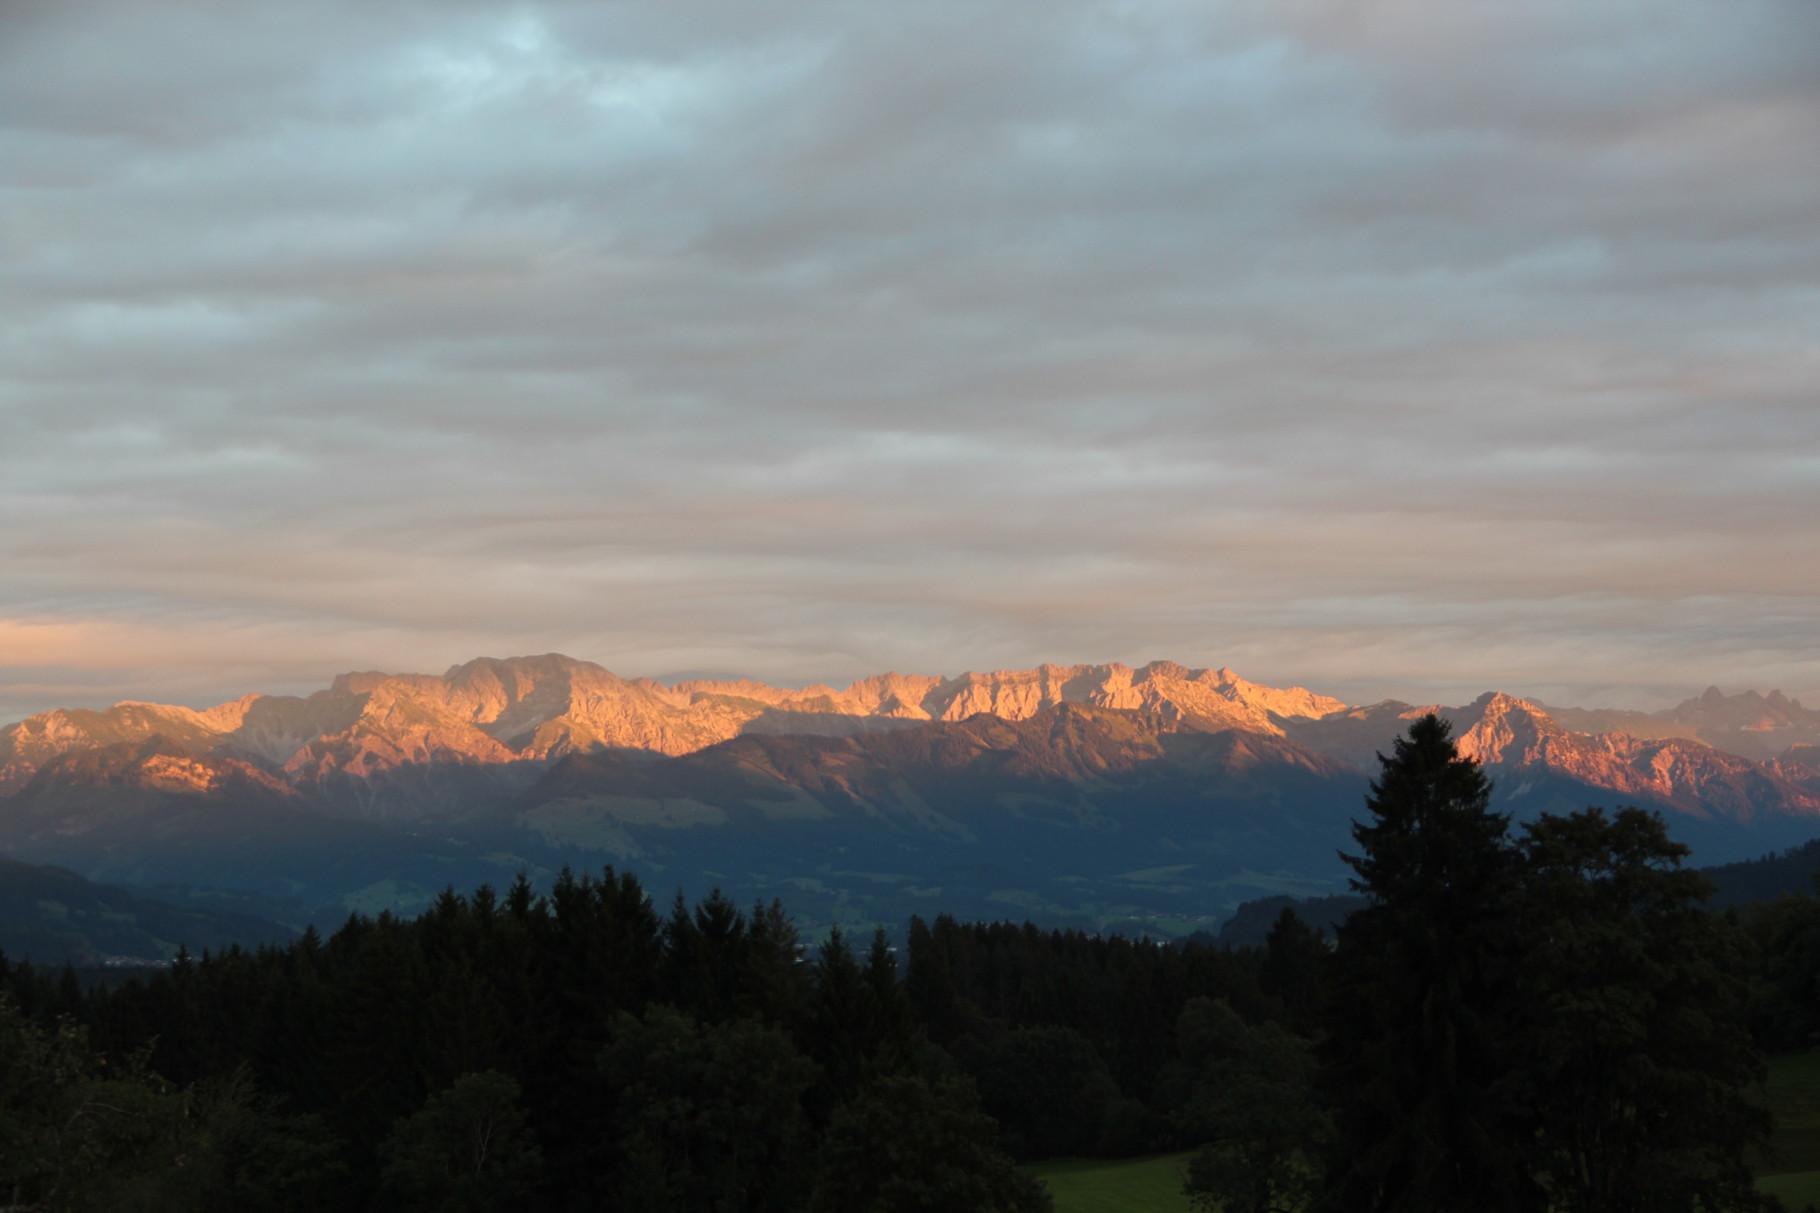 Ausblick auf die Abendstimmung in den Allgäuer Alpen